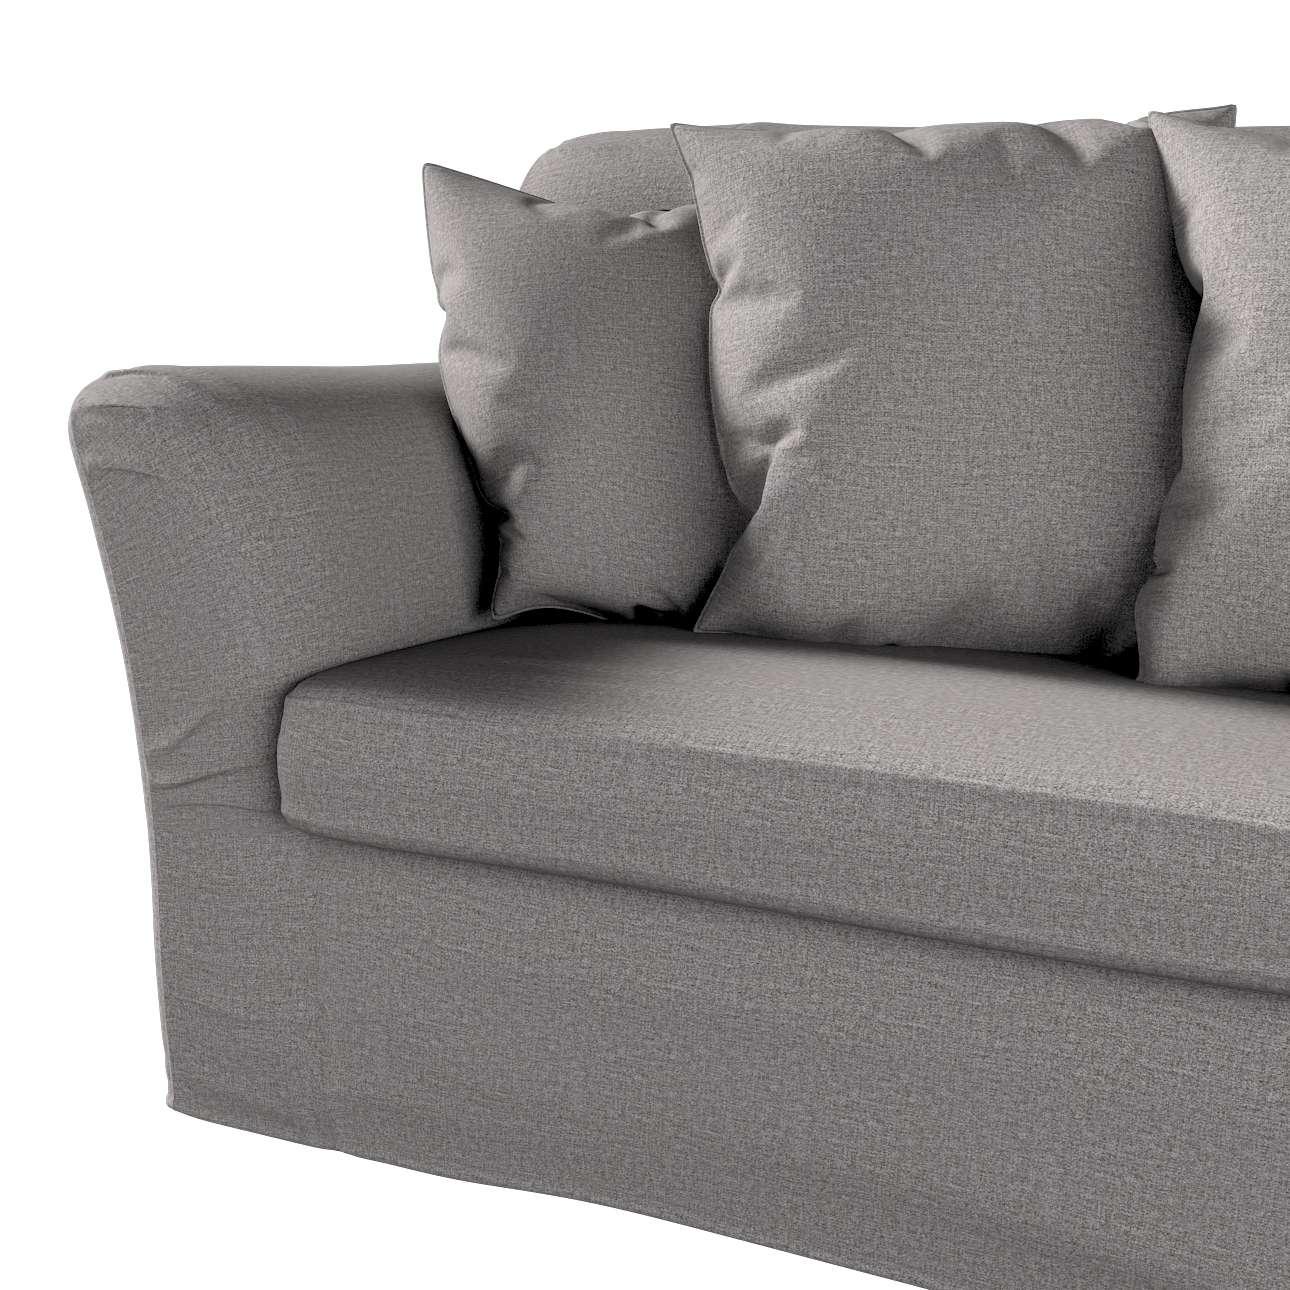 Pokrowiec na sofę Tomelilla 3-osobową rozkładaną w kolekcji Edinburgh, tkanina: 115-81